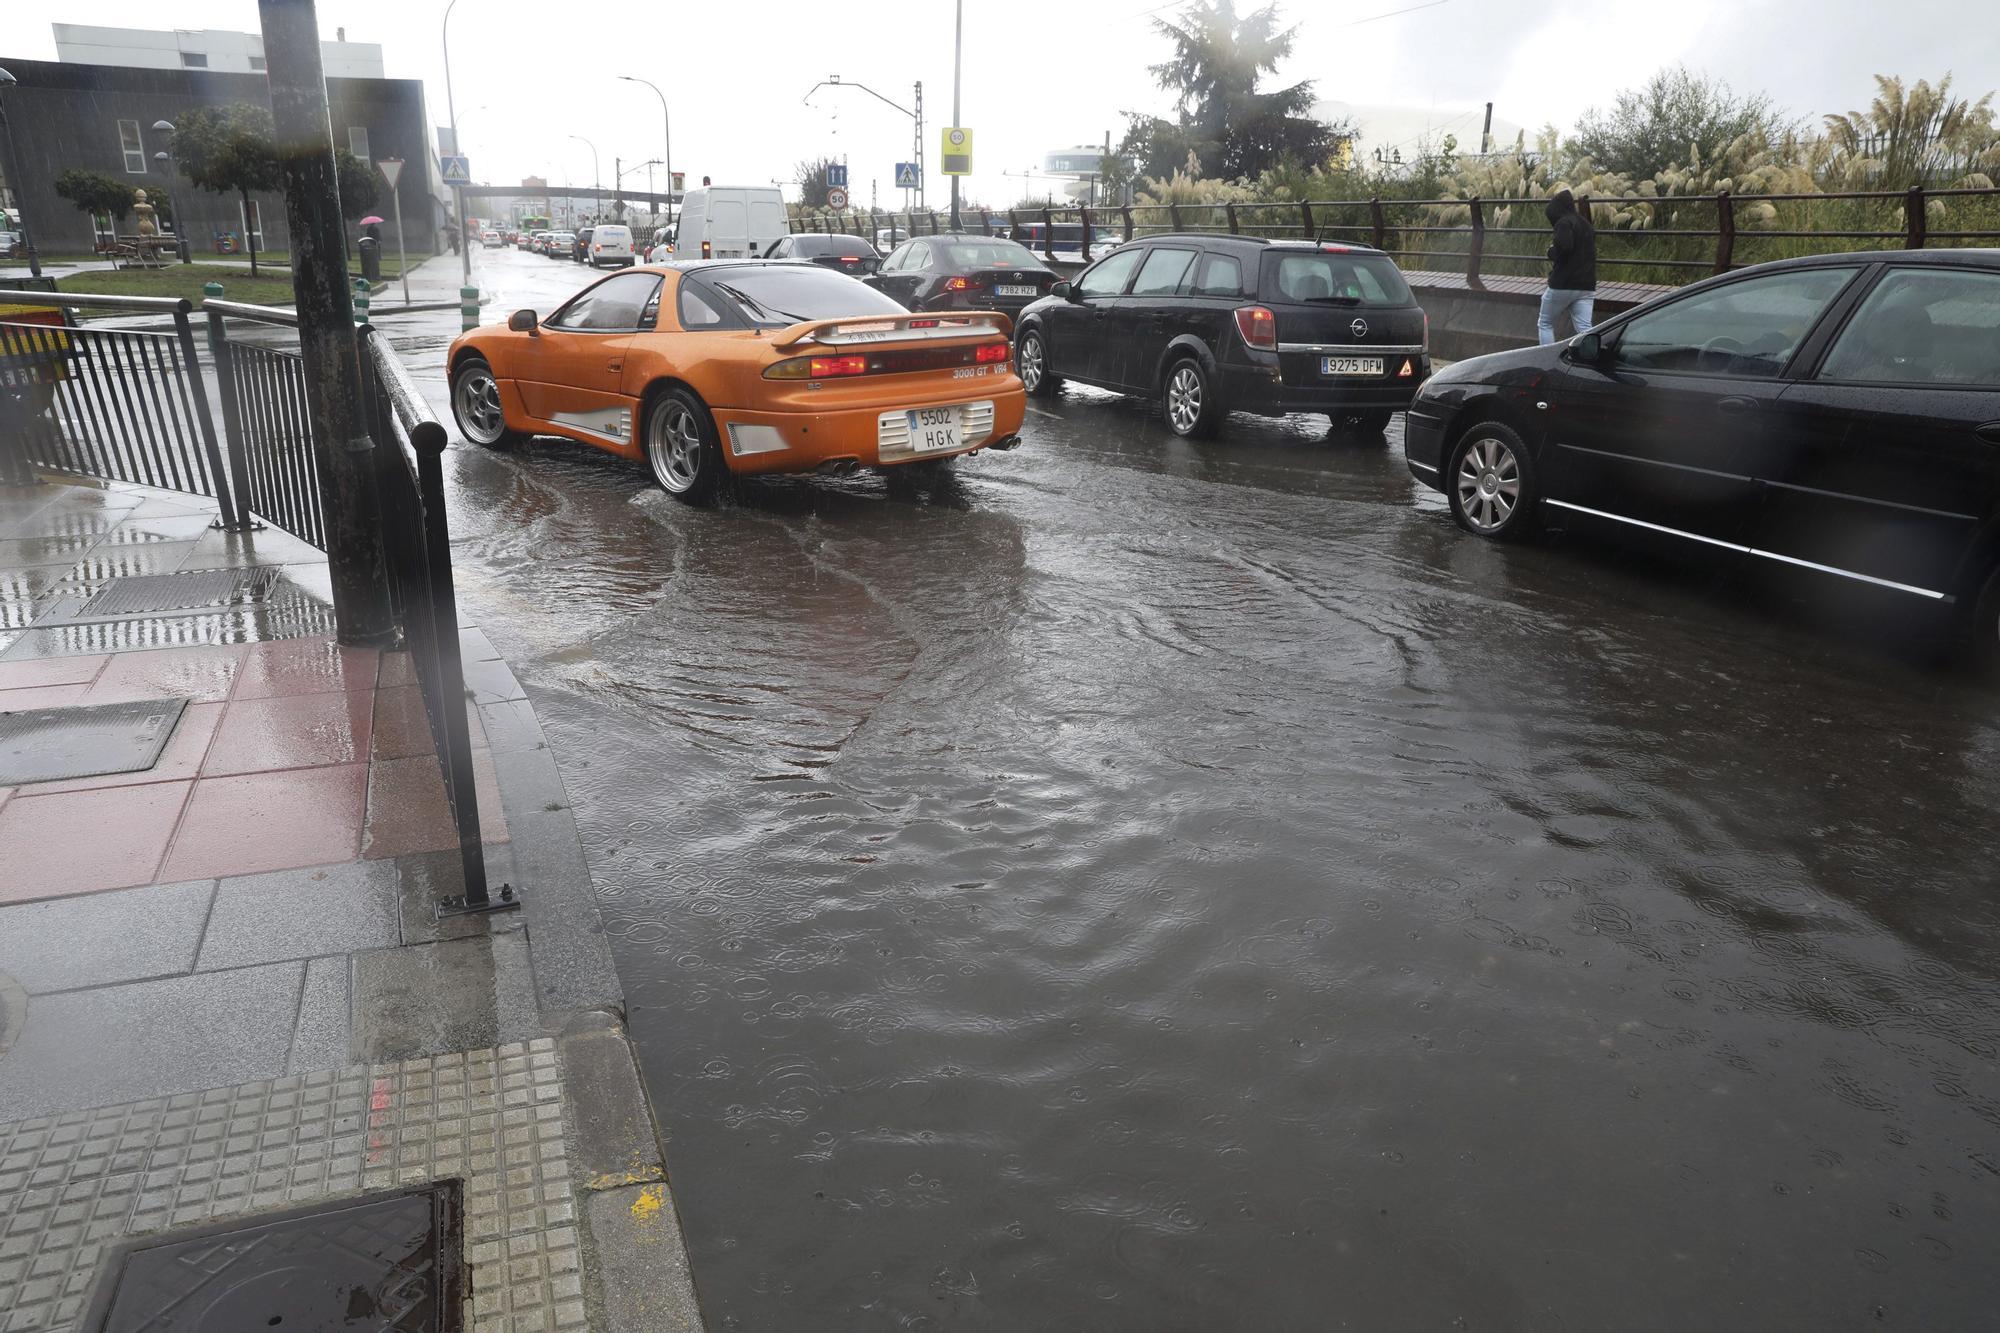 Inundaciones en Avilés por los fuertes aguaceros